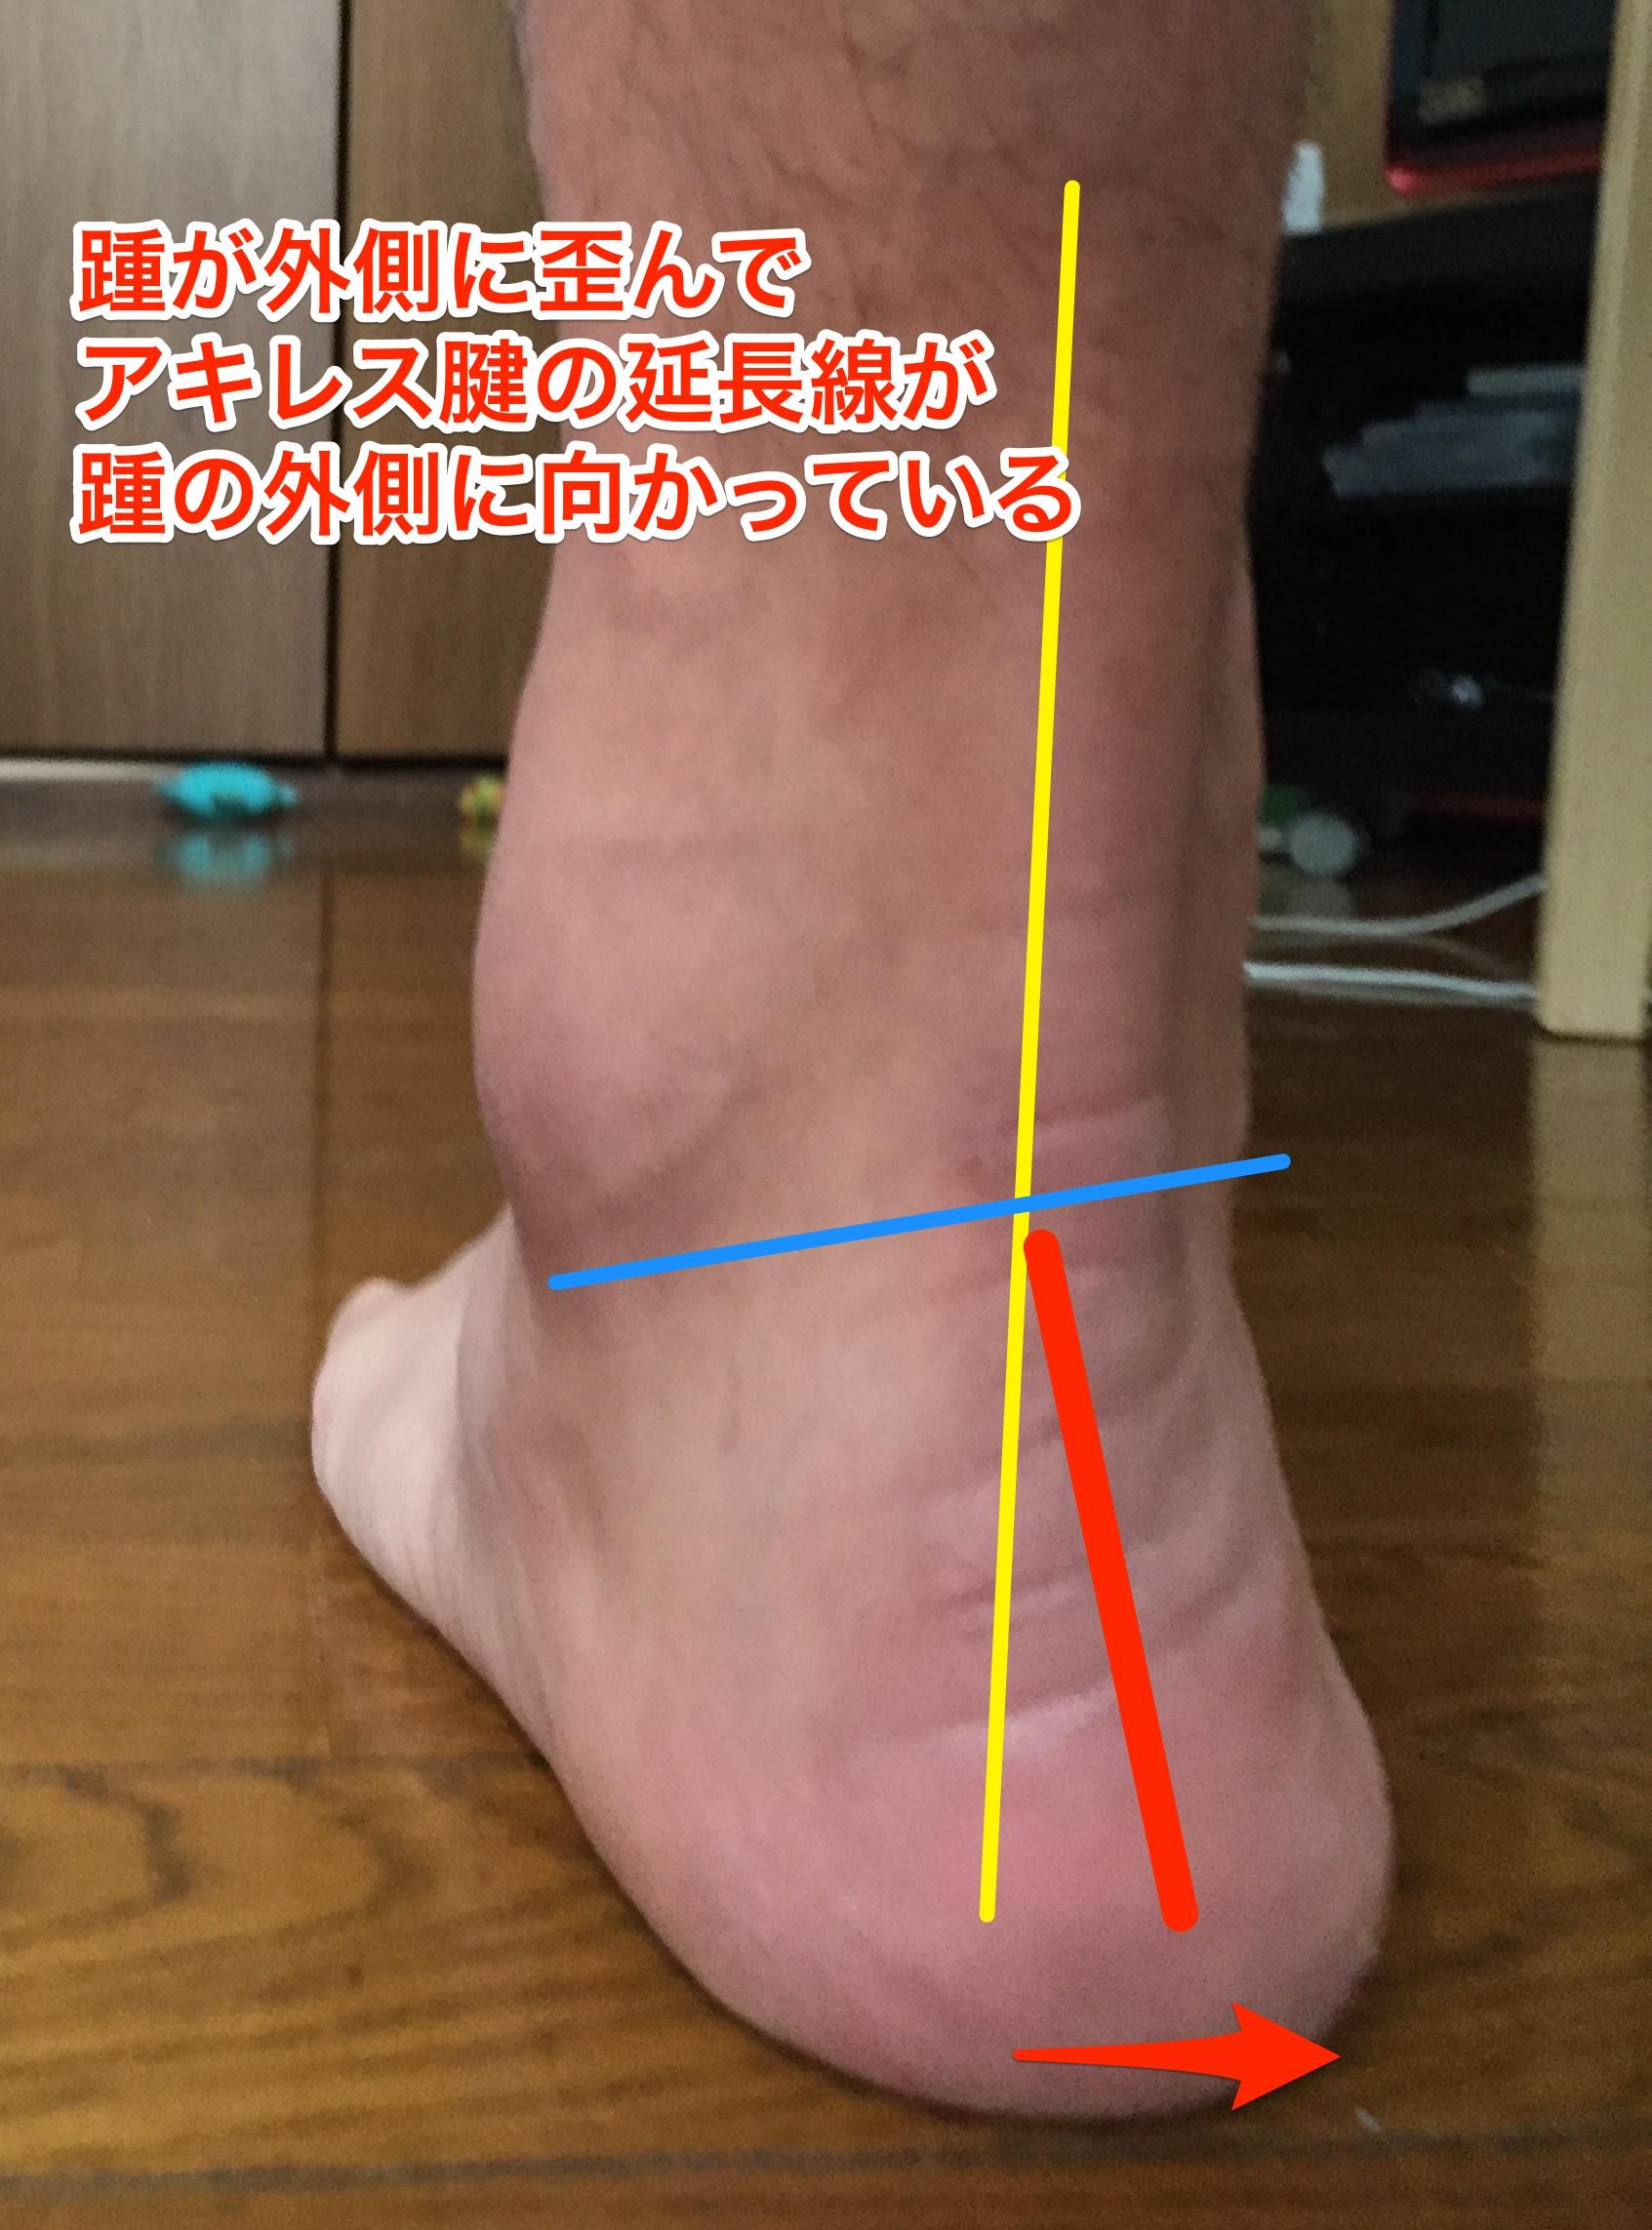 踵(かかと)が歪むと、身体の一番の土台が揺らぐ。